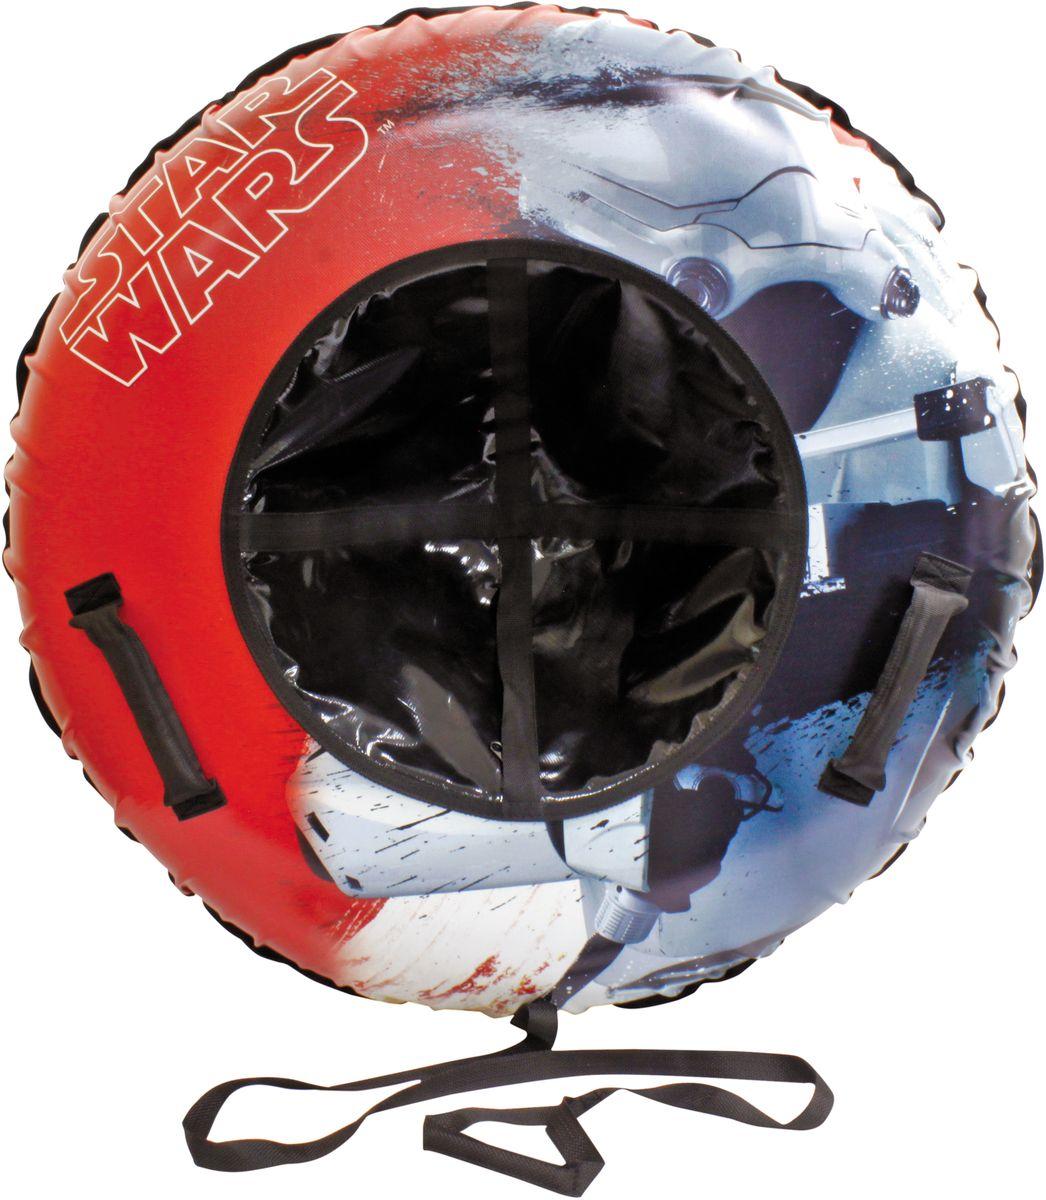 Тюбинг 1TOY Звездные Войны, цвет: красный, 100 смТ59059Тюбинг Star Wars - Надувные сани, резиновая автокамера, материал глянцевый ПВХ 500 гр/кв.м., 100 см, буксировочный трос. Надувные сани в последнее время стали очень популярным развлечением зимой. Специальные материалы и уникальная конструкция днища превосходно скользят, даже если снега совсем немного. Высокая прочность позволит весело проводить время детям и взрослым, не заботясь о поломках. Модель очень вместительная, возможность соскальзывания практически исключена.